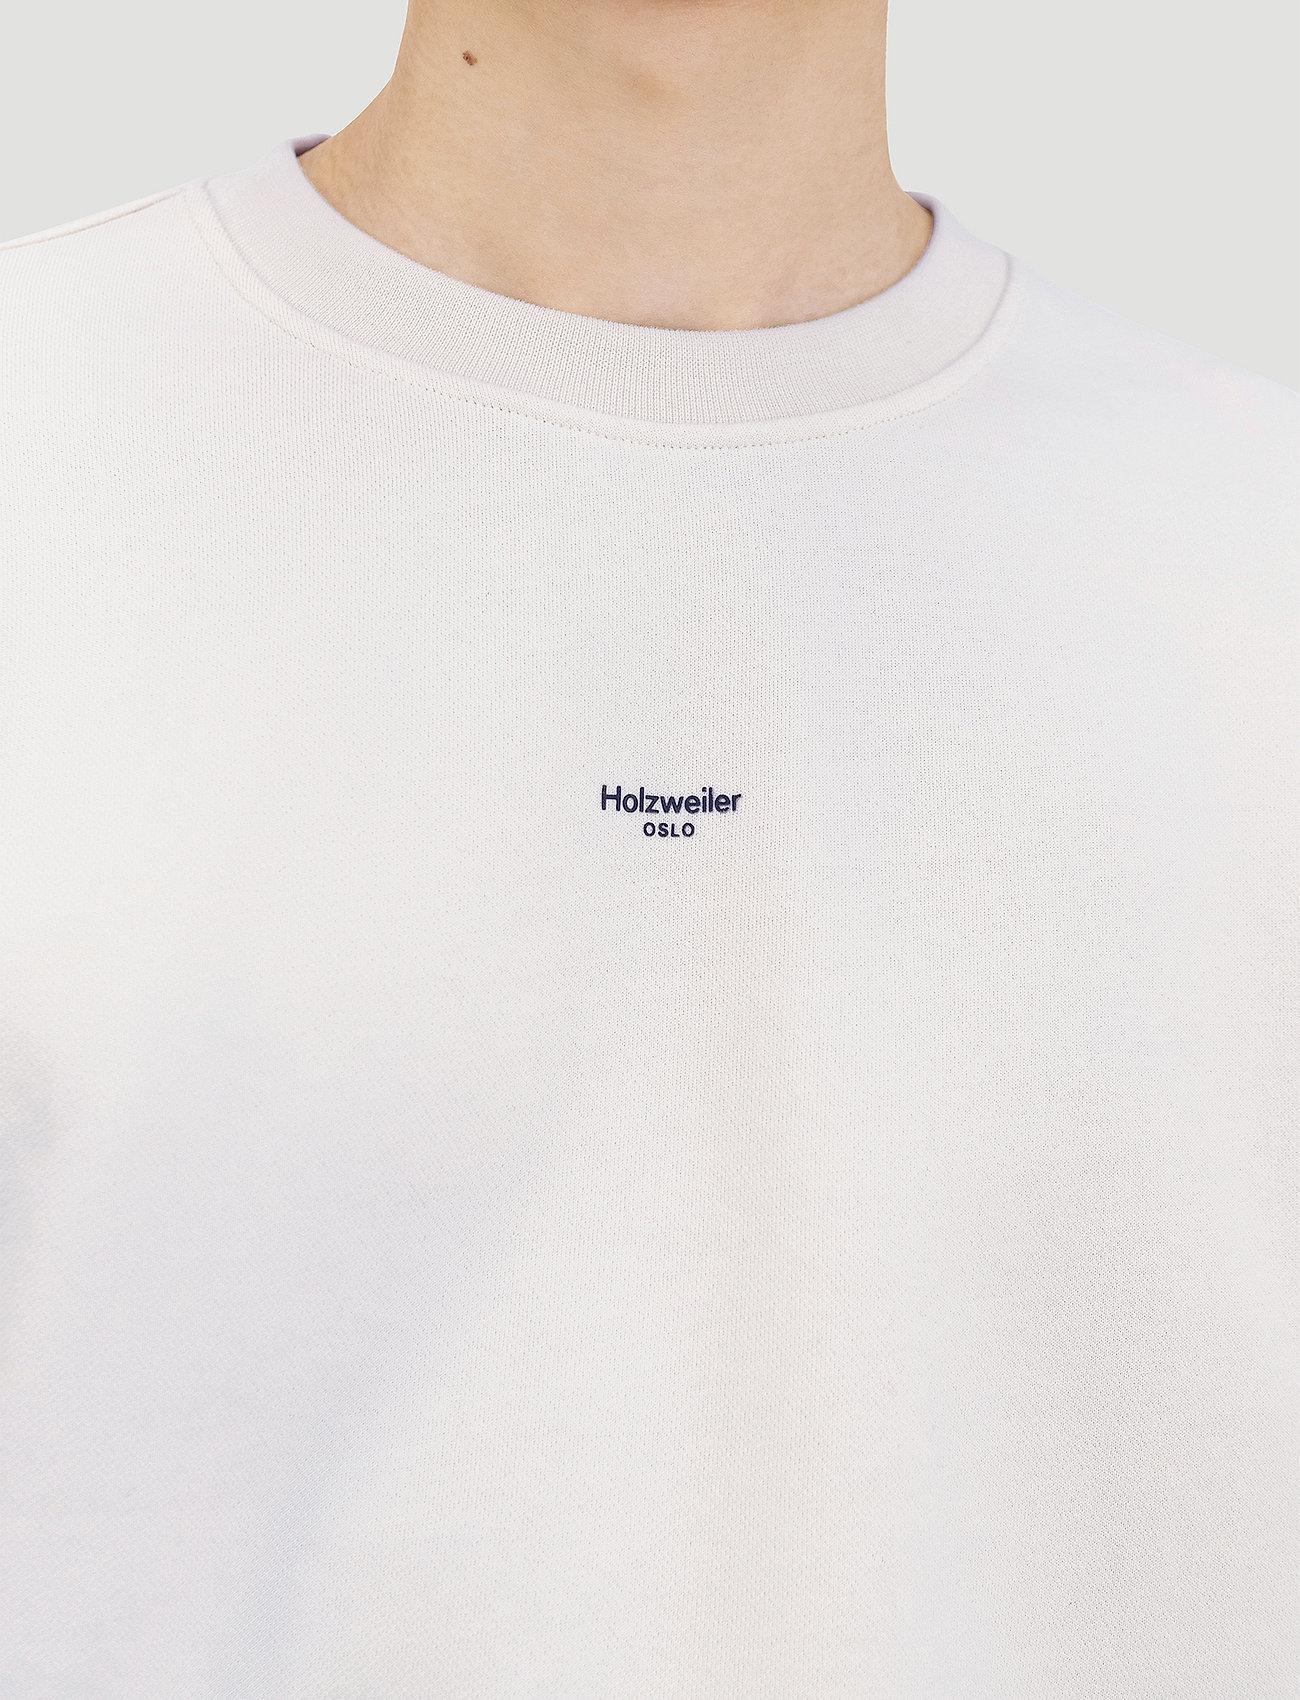 HOLZWEILER M Oslo Sweat - Sweatshirts ECRU - Menn Klær